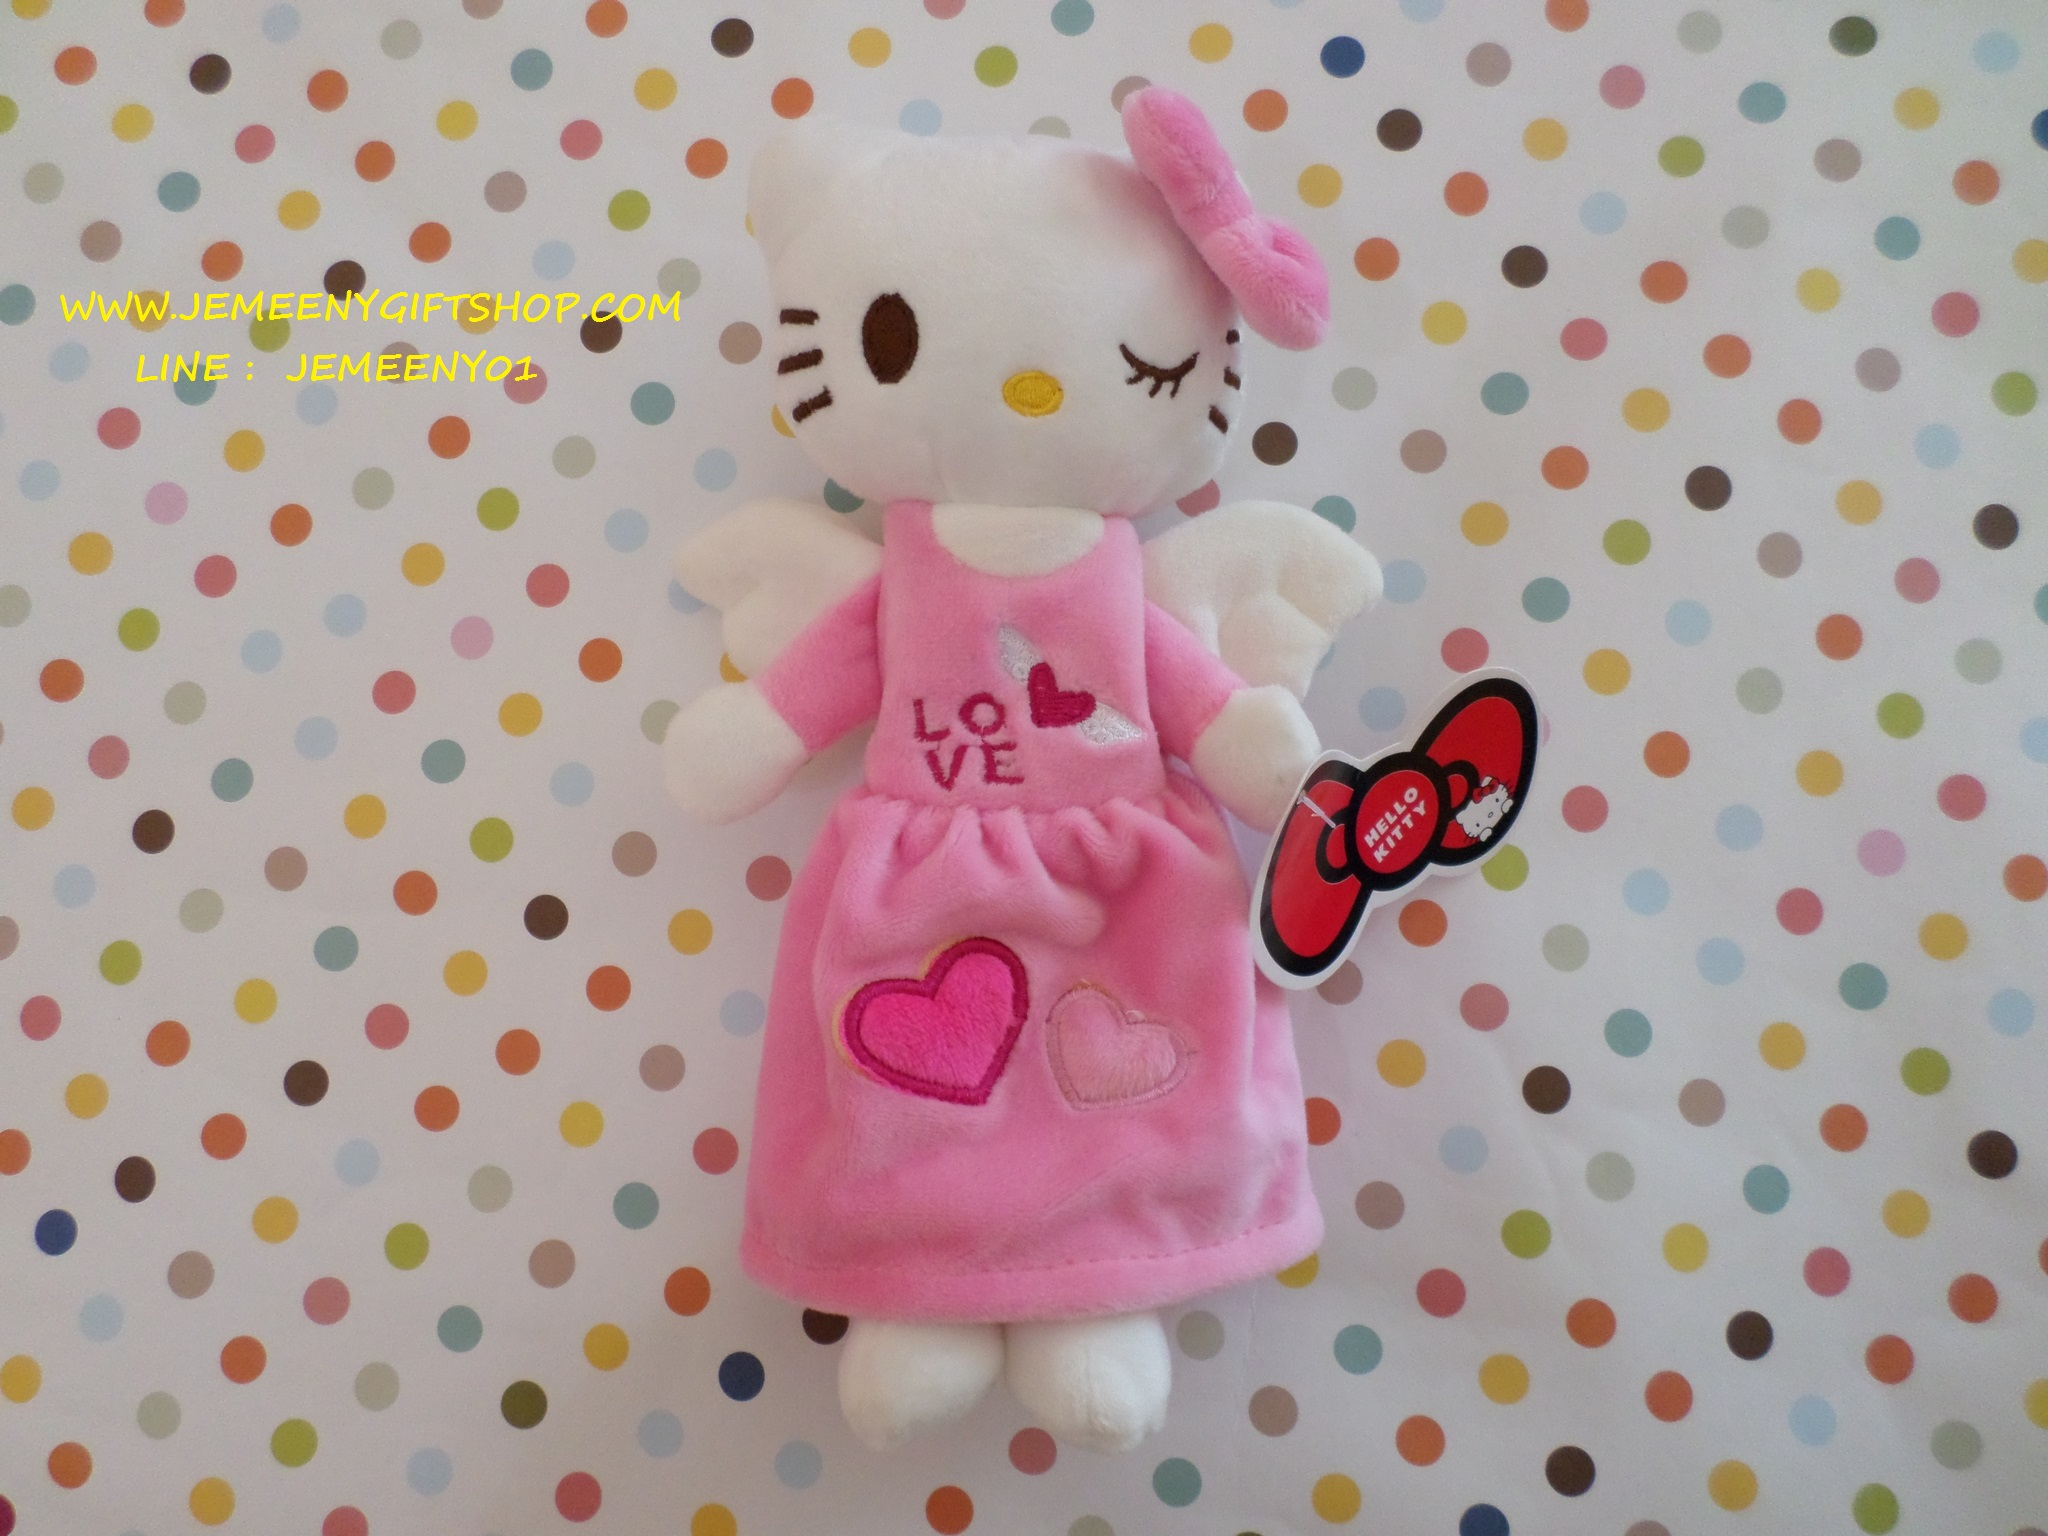 กระเป๋าใส่ดินสอปากกา ฮัลโหลคิตตี้ Hello kitty ขนาดยาว 26 ซม.